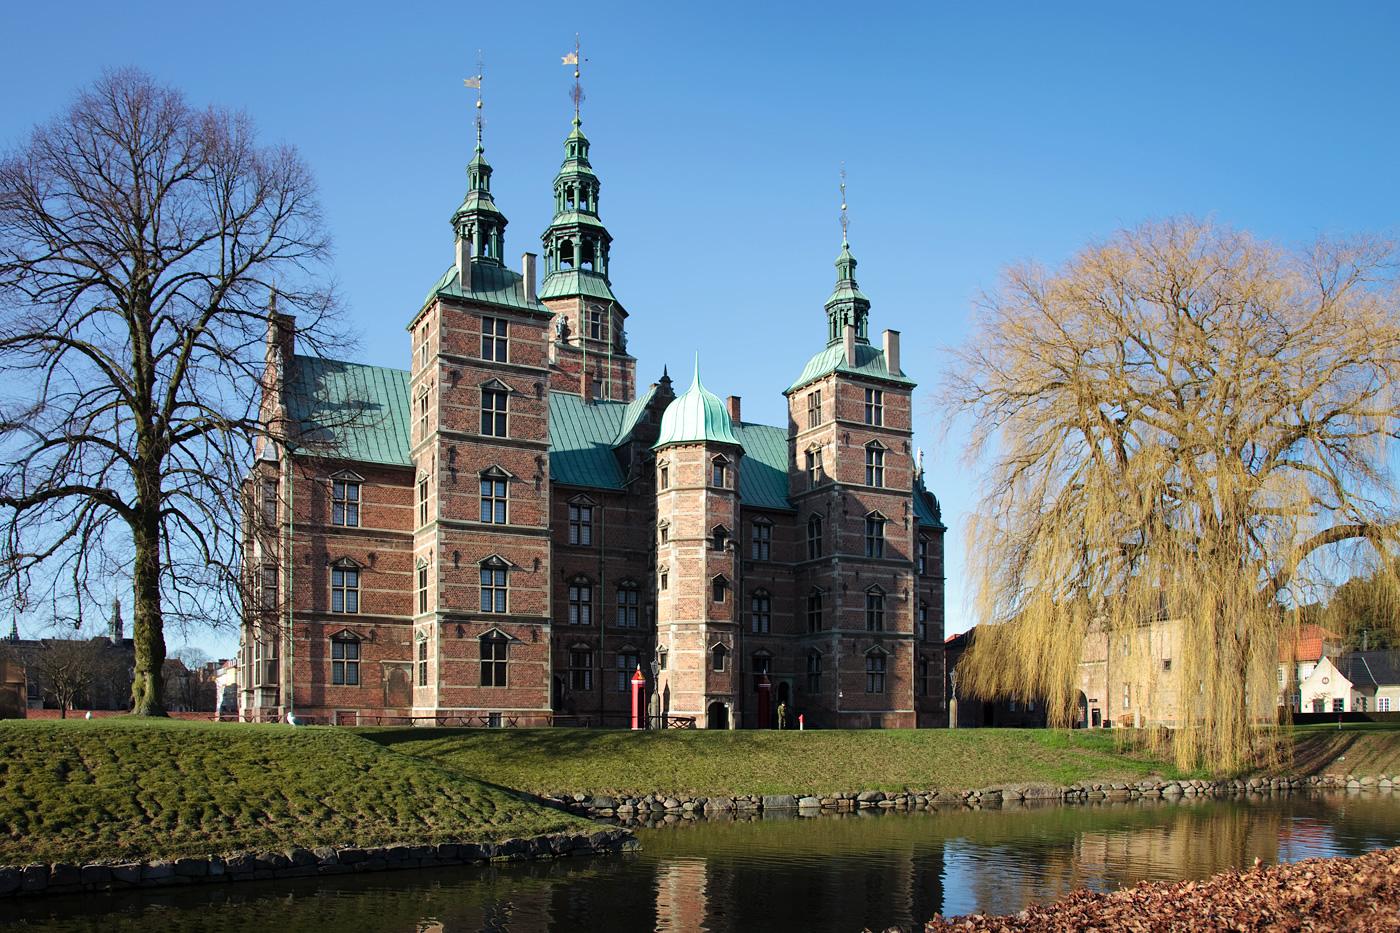 Scandinavia - Denmark, Copenhagen, Rosenborg Castle